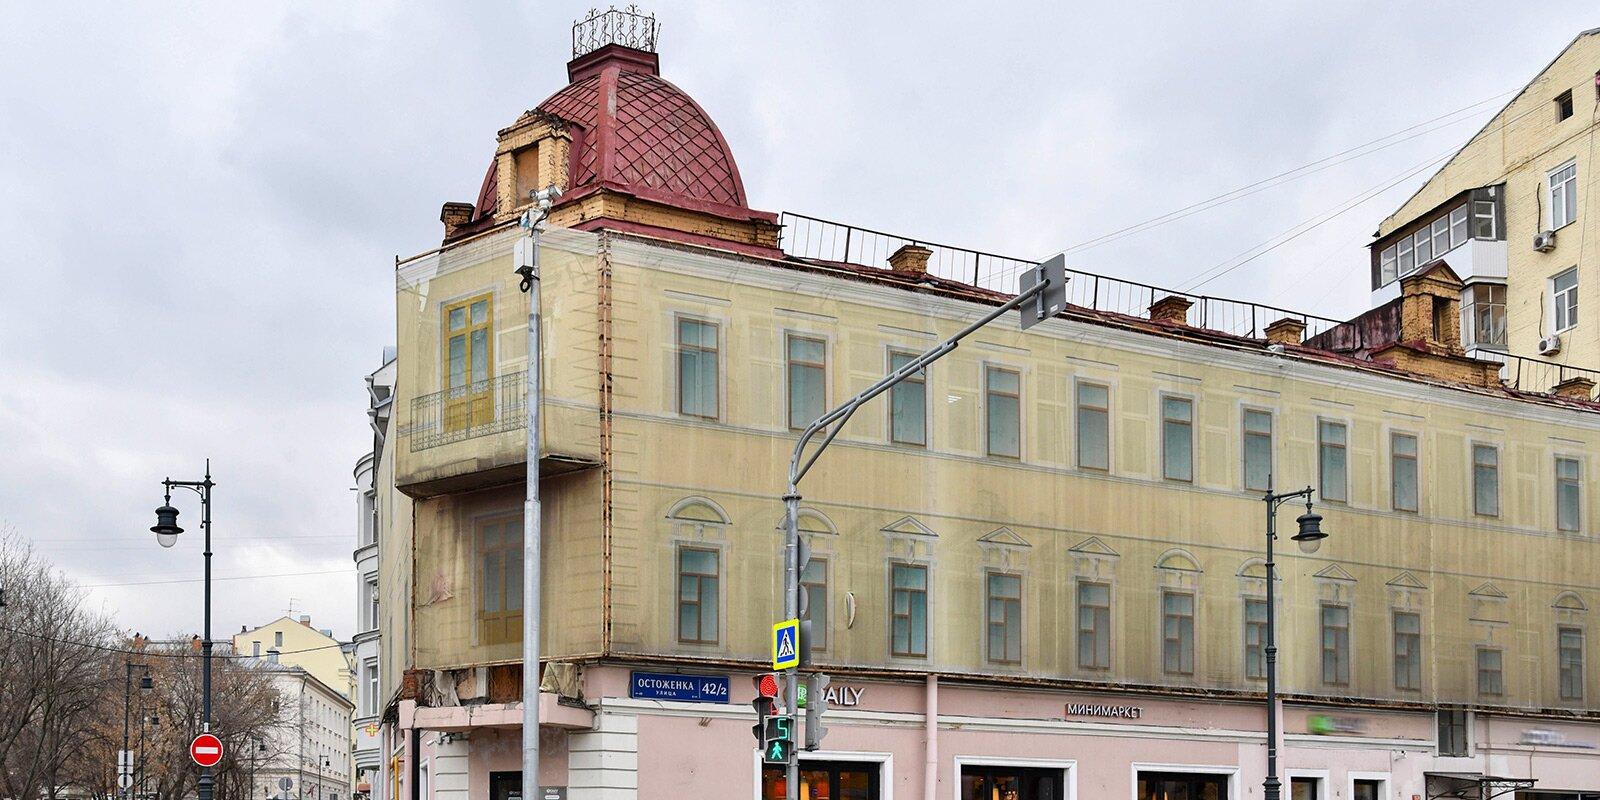 доходный дом М.В. Голубицкой(улица Остоженка, дом 42/2)